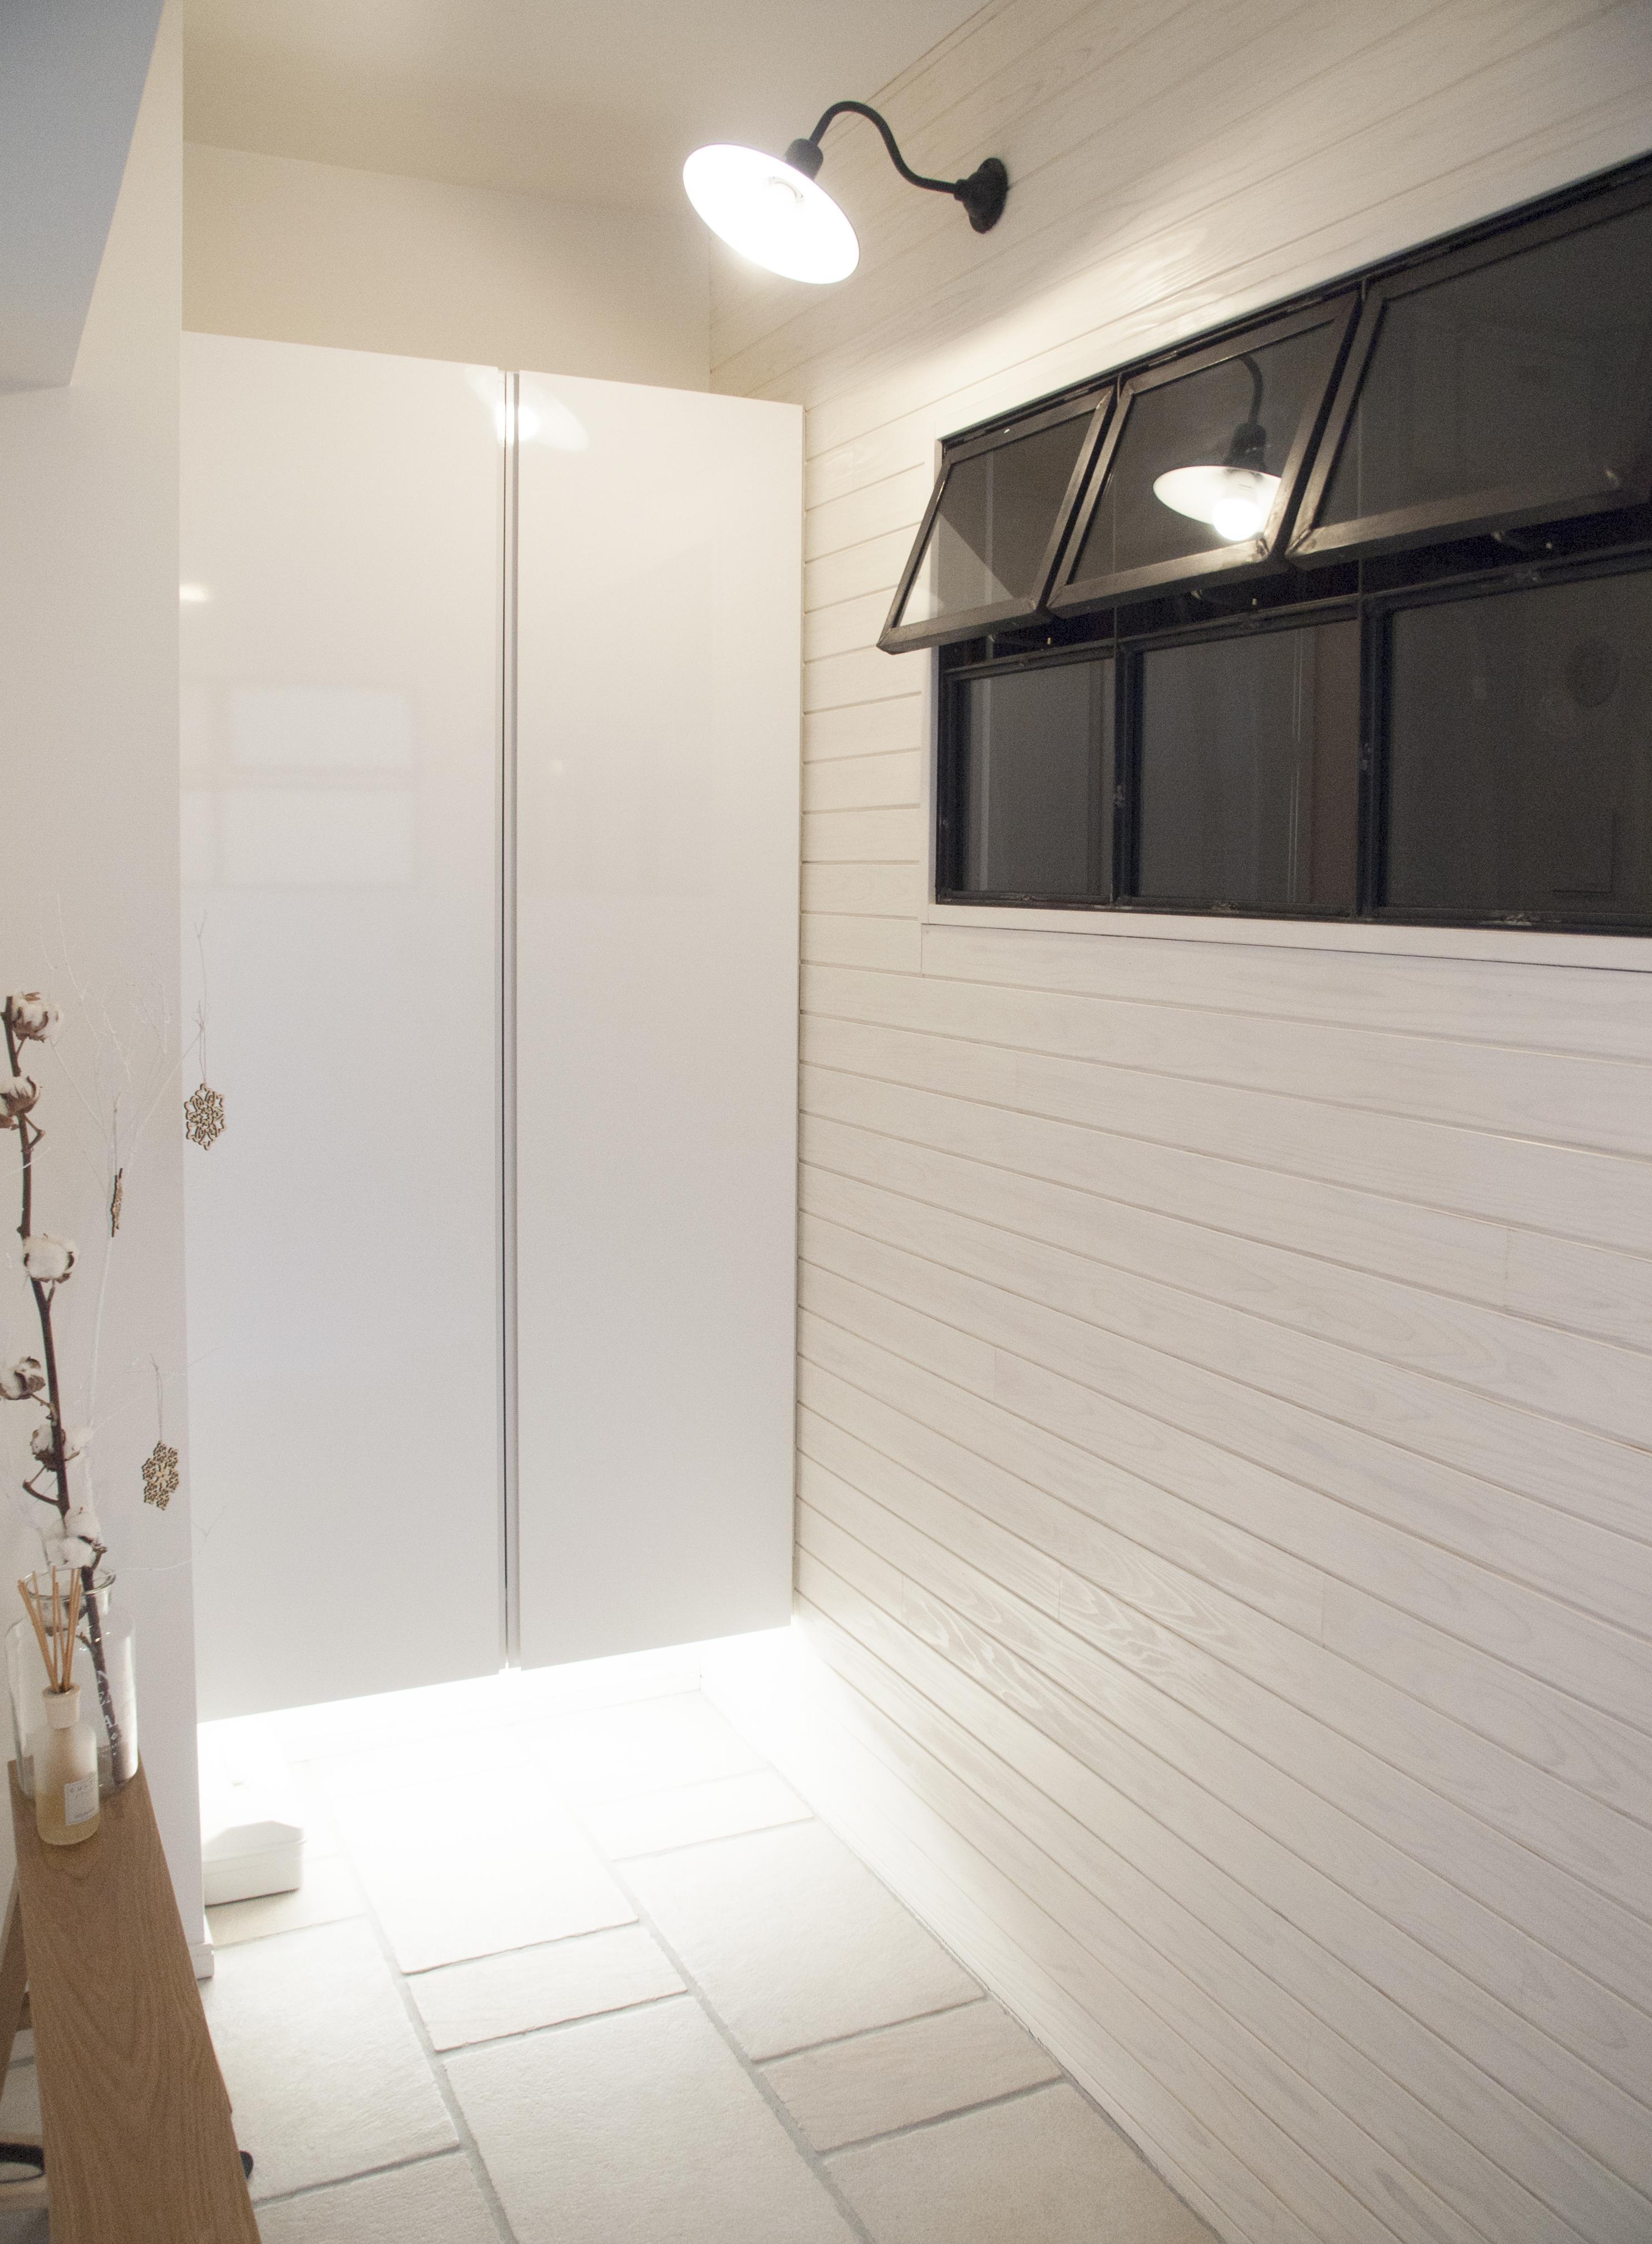 建築家とつくりあげた理想のリノベーション空間の部屋 エントランスにある室内窓